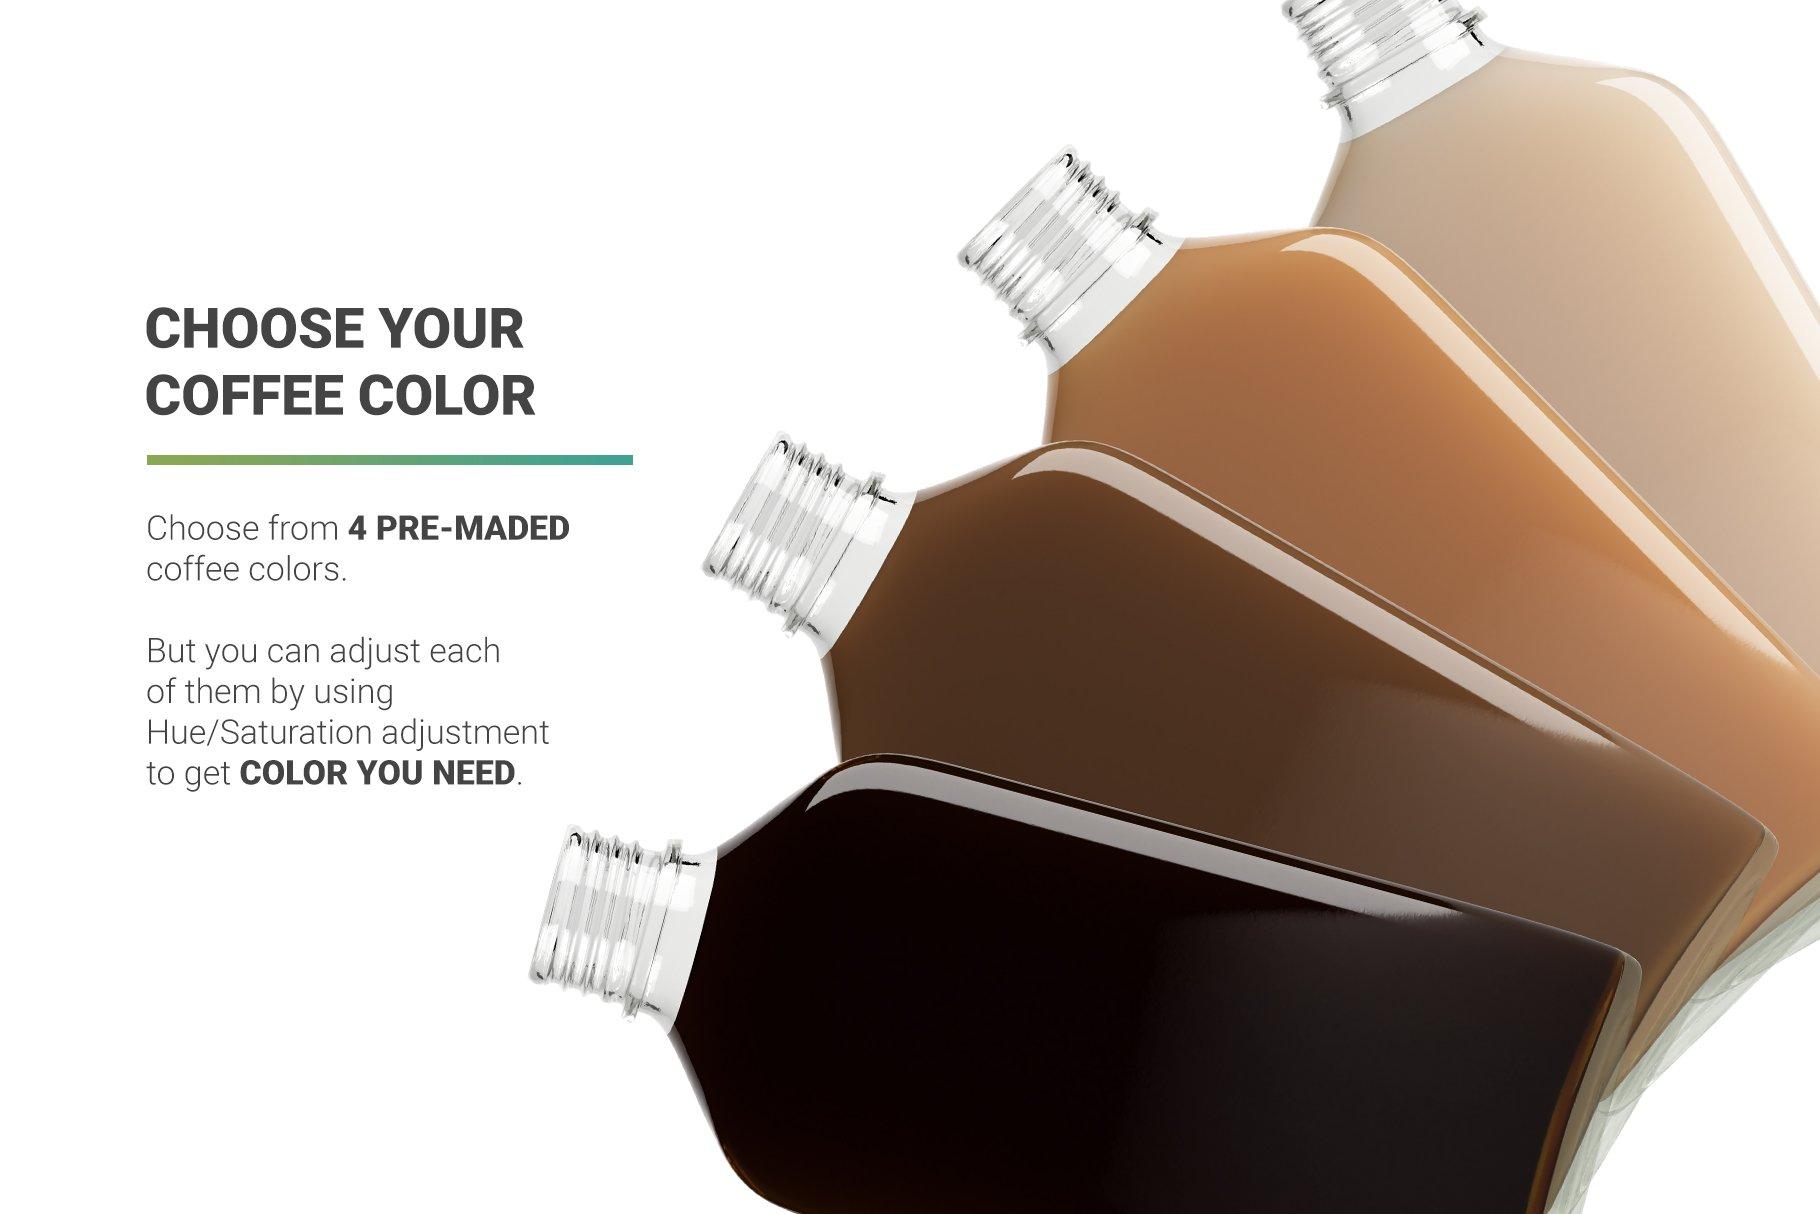 冷冲泡咖啡玻璃瓶标签设计展示贴图样机 Coffee Bottle Mockup插图2